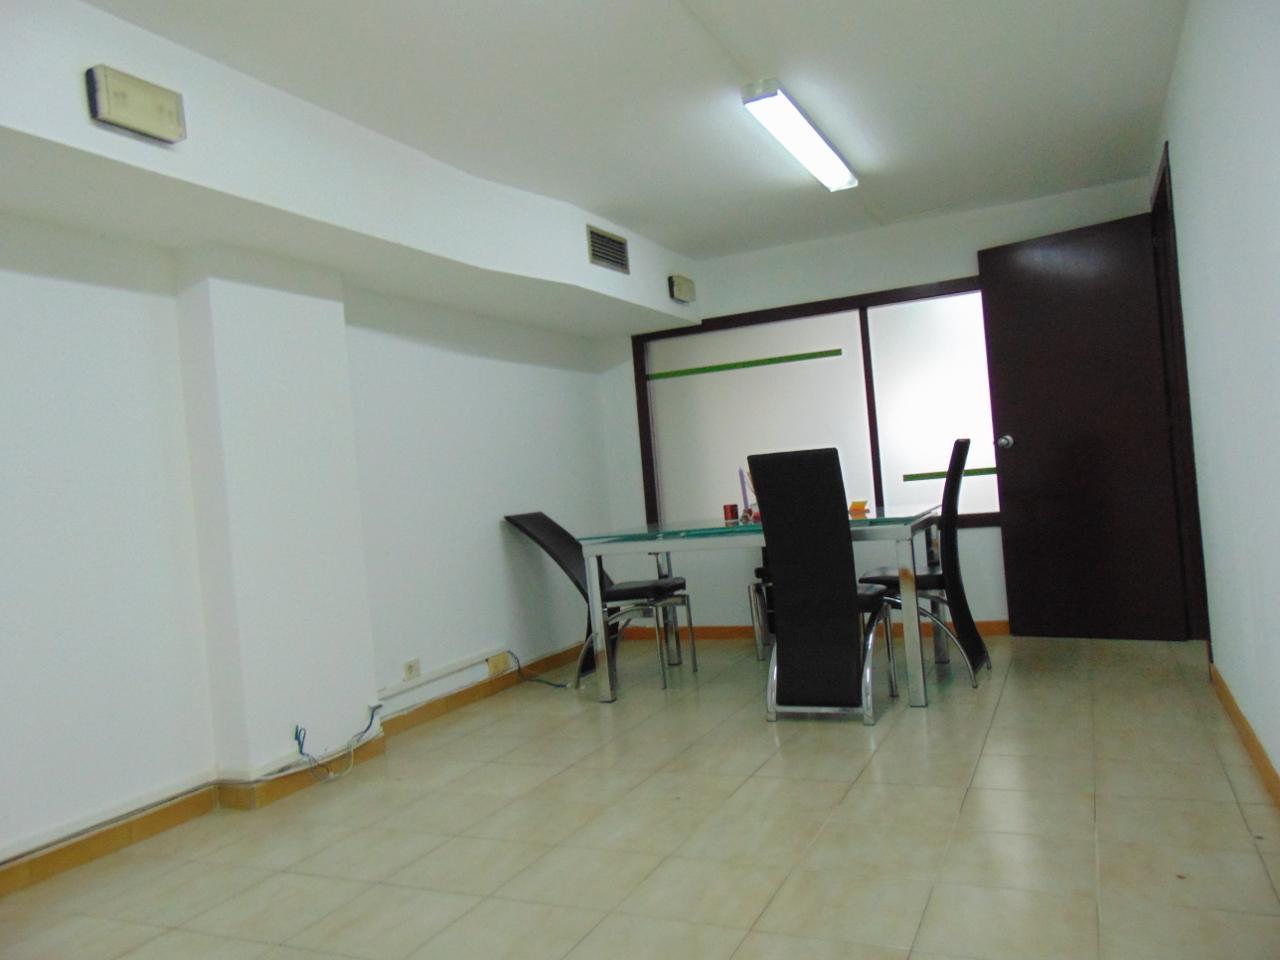 Oficina en alquiler en La Coruña de 110 m2